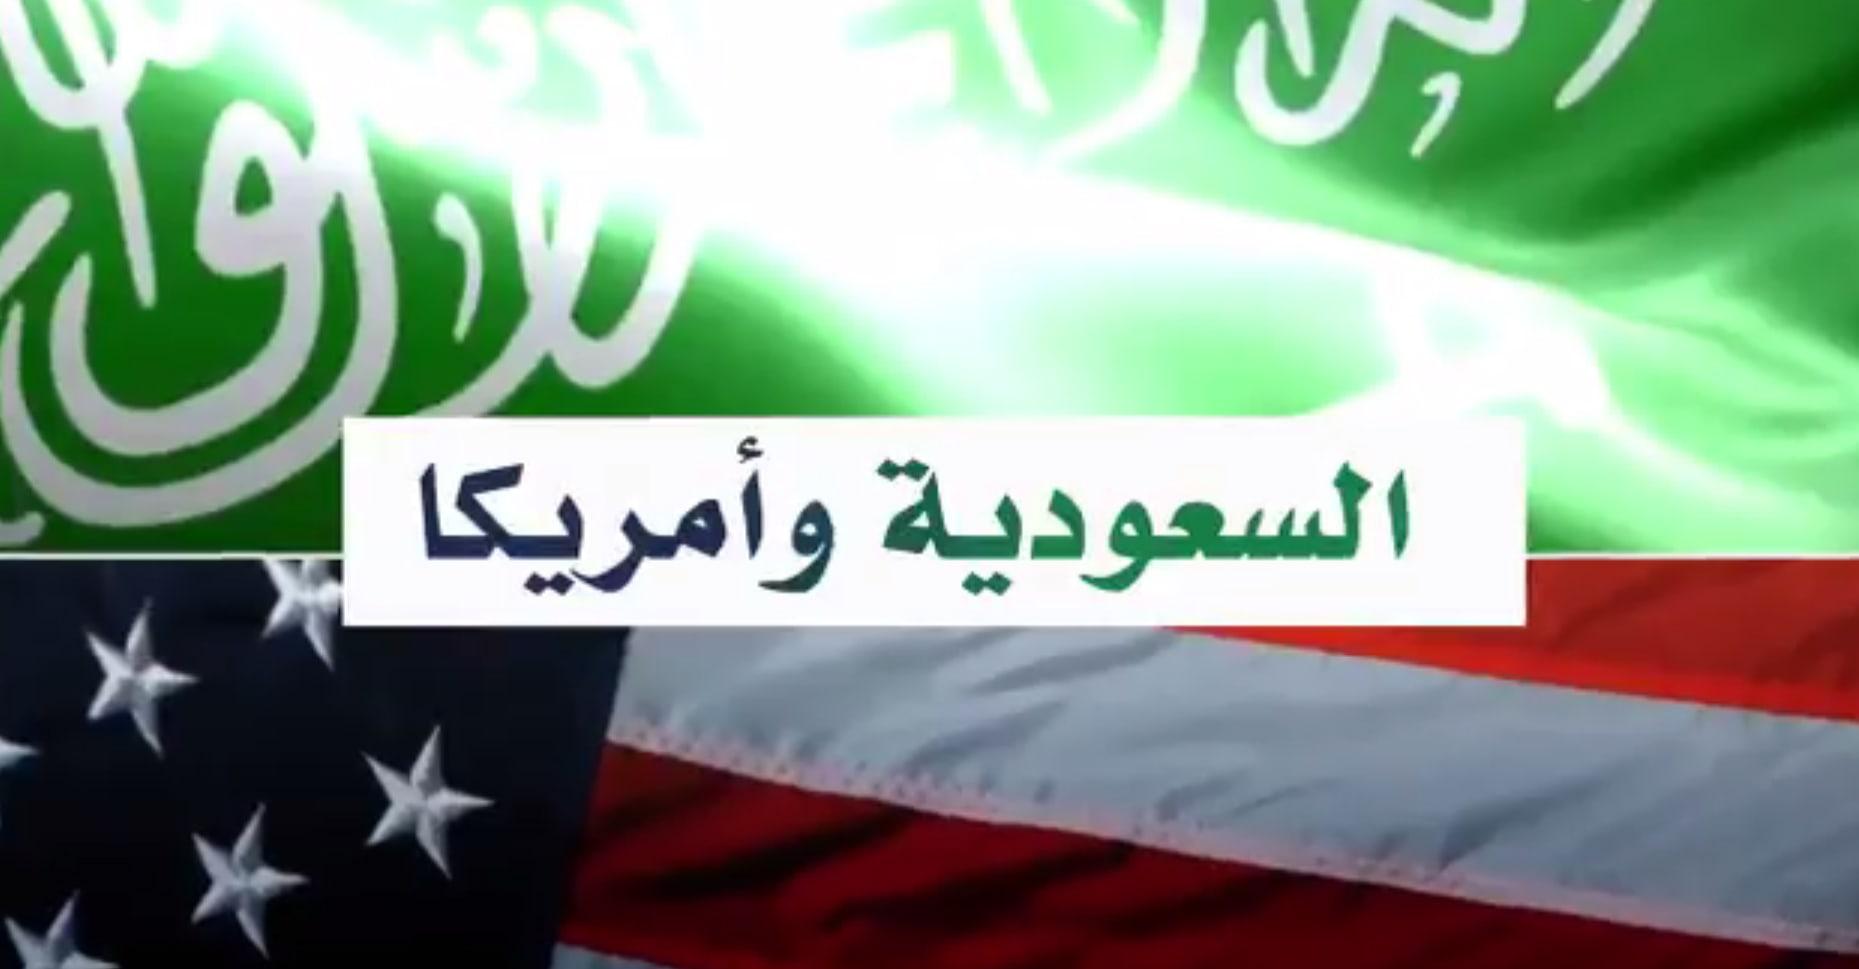 ثلاث قمم والعشرات من قادة الدول الإسلامية.. ماذا سيفعل ترامب في السعودية؟